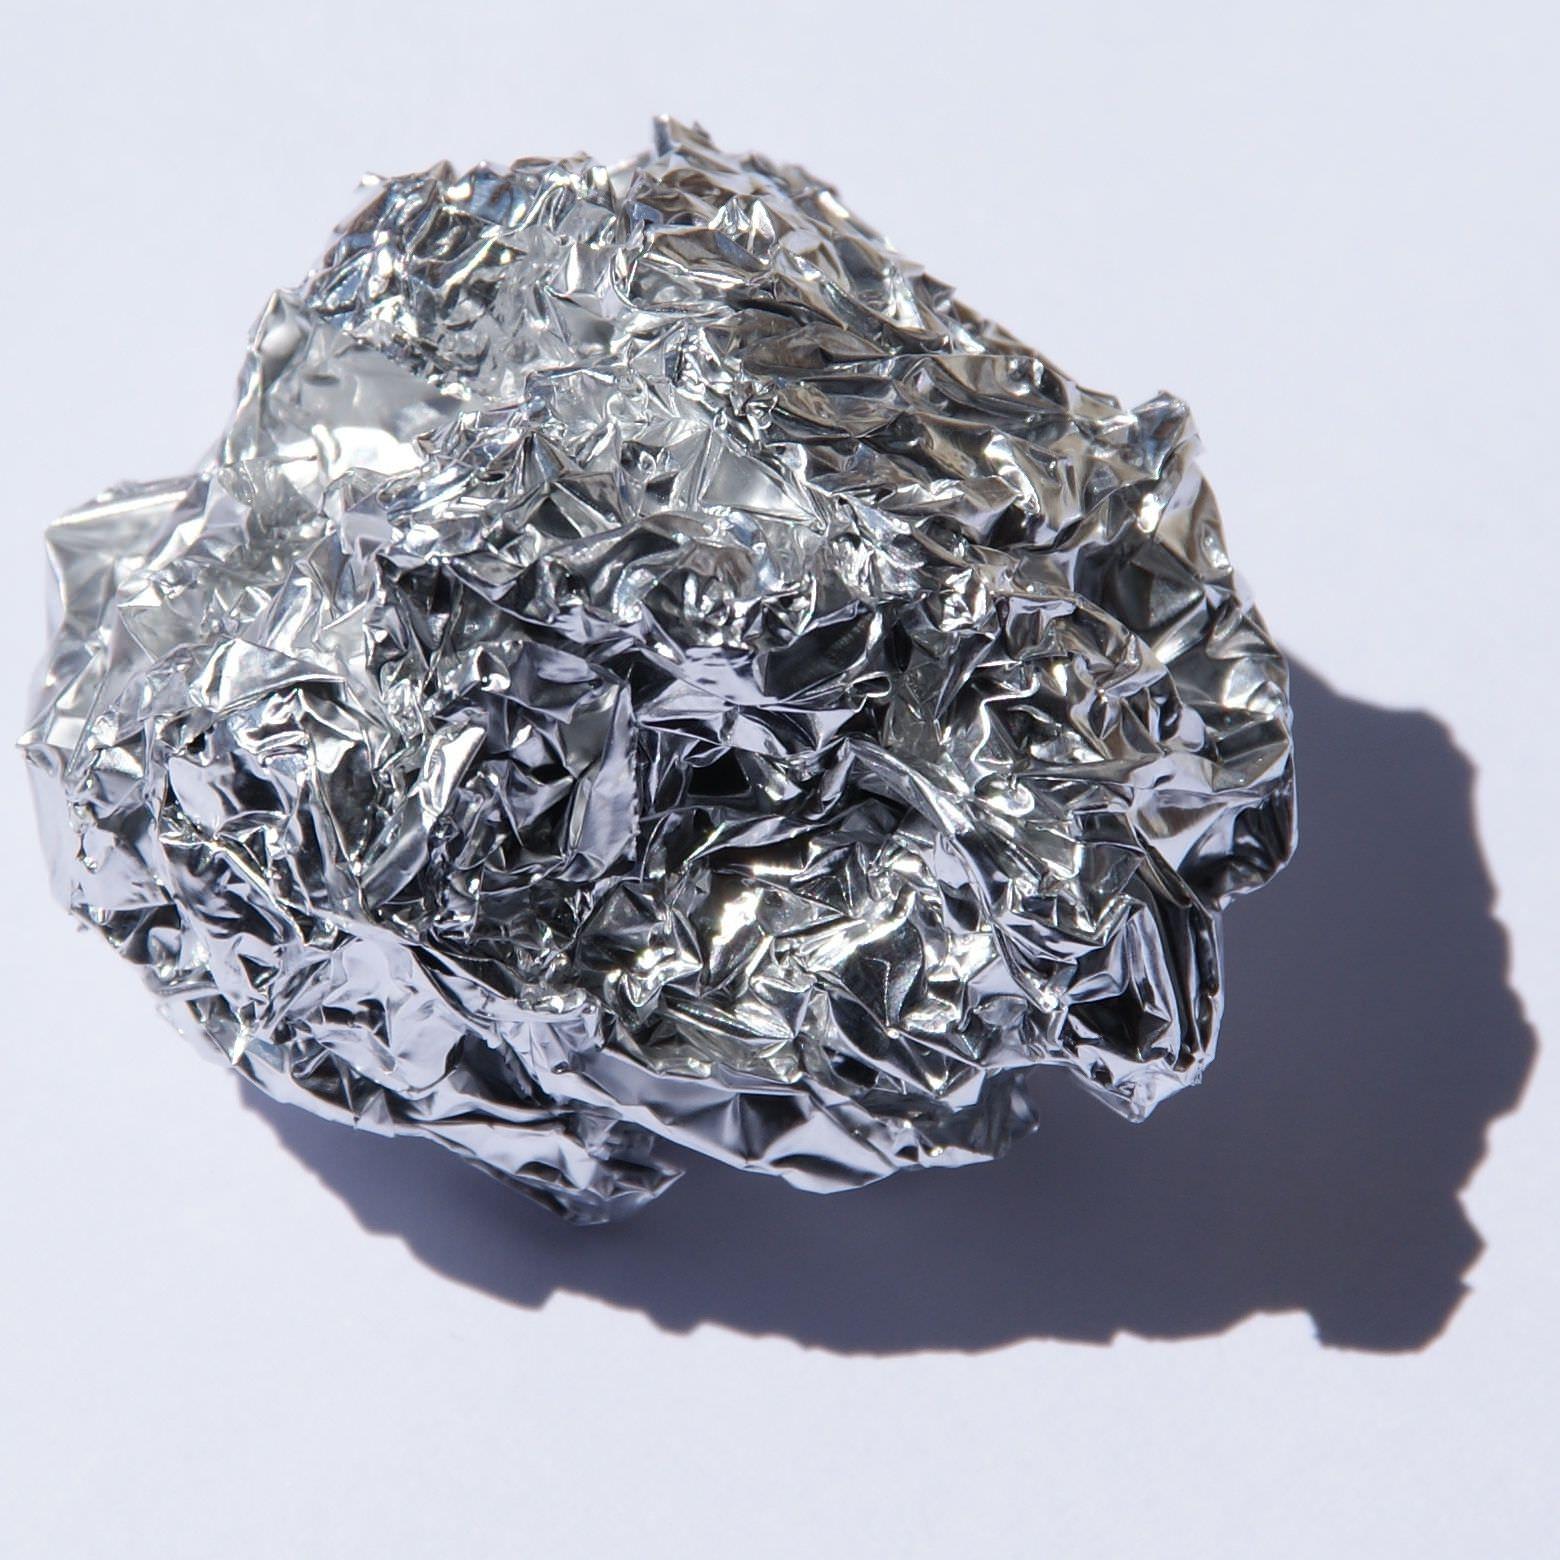 Aluminiumboll